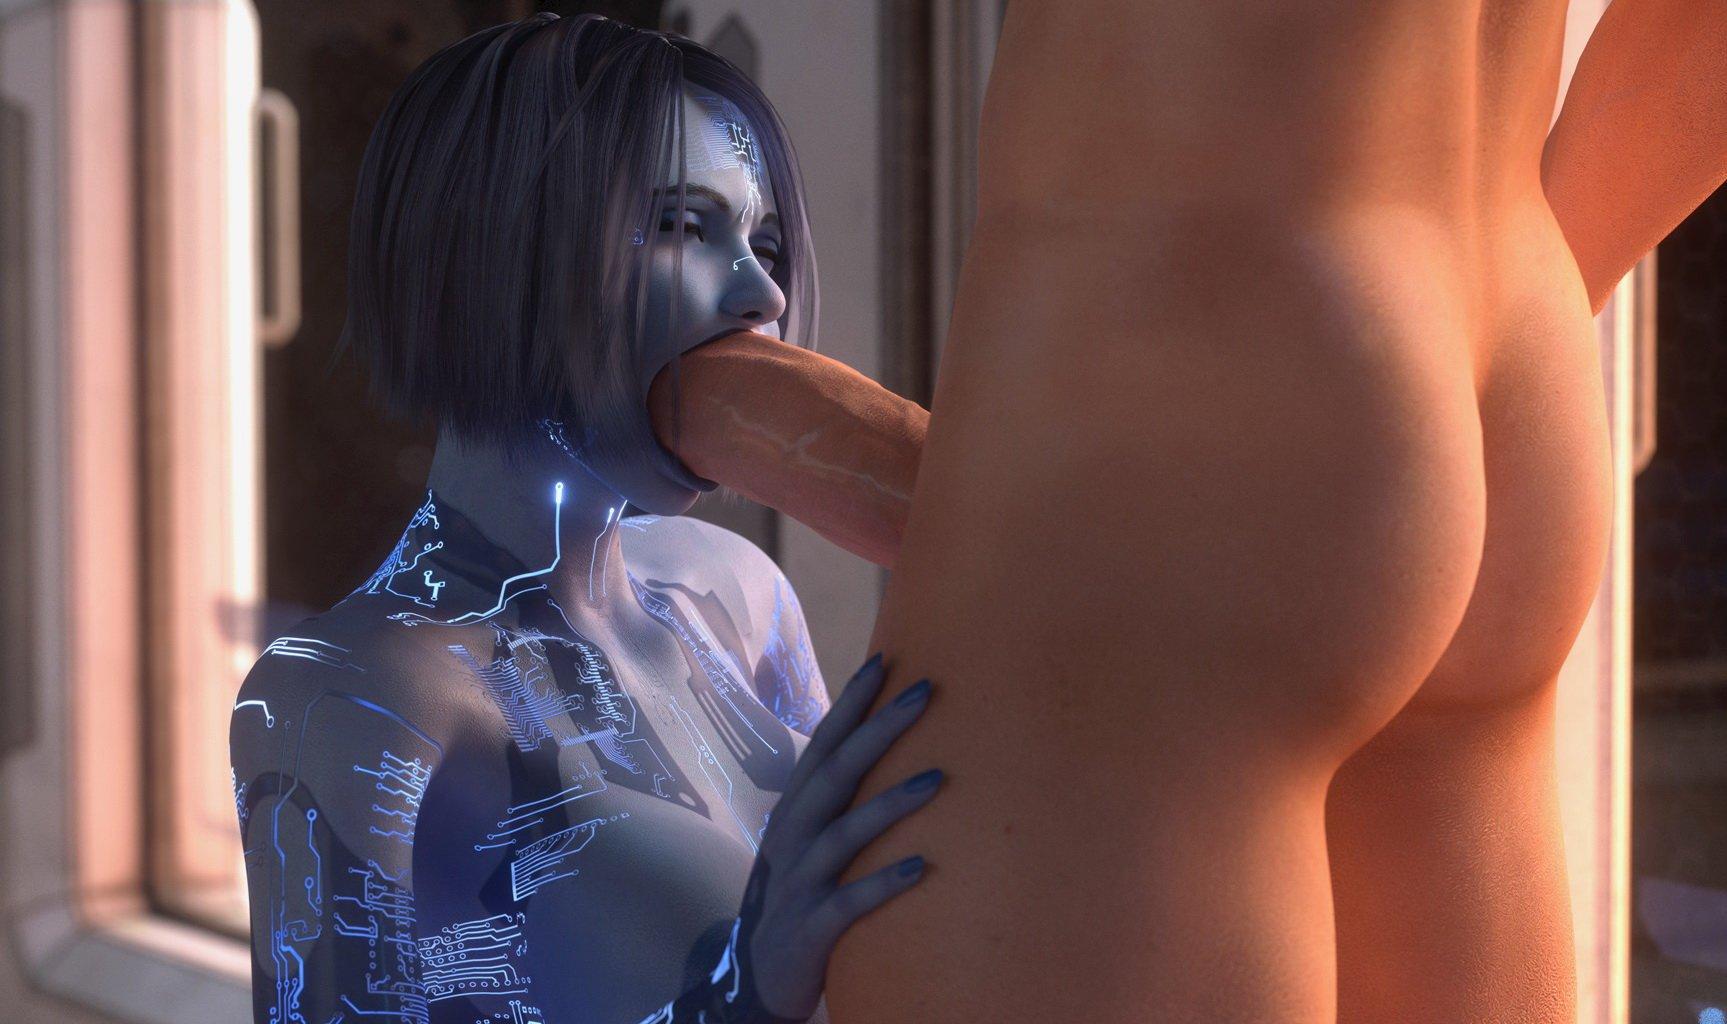 Будущее Секс Робот Порно Фильм